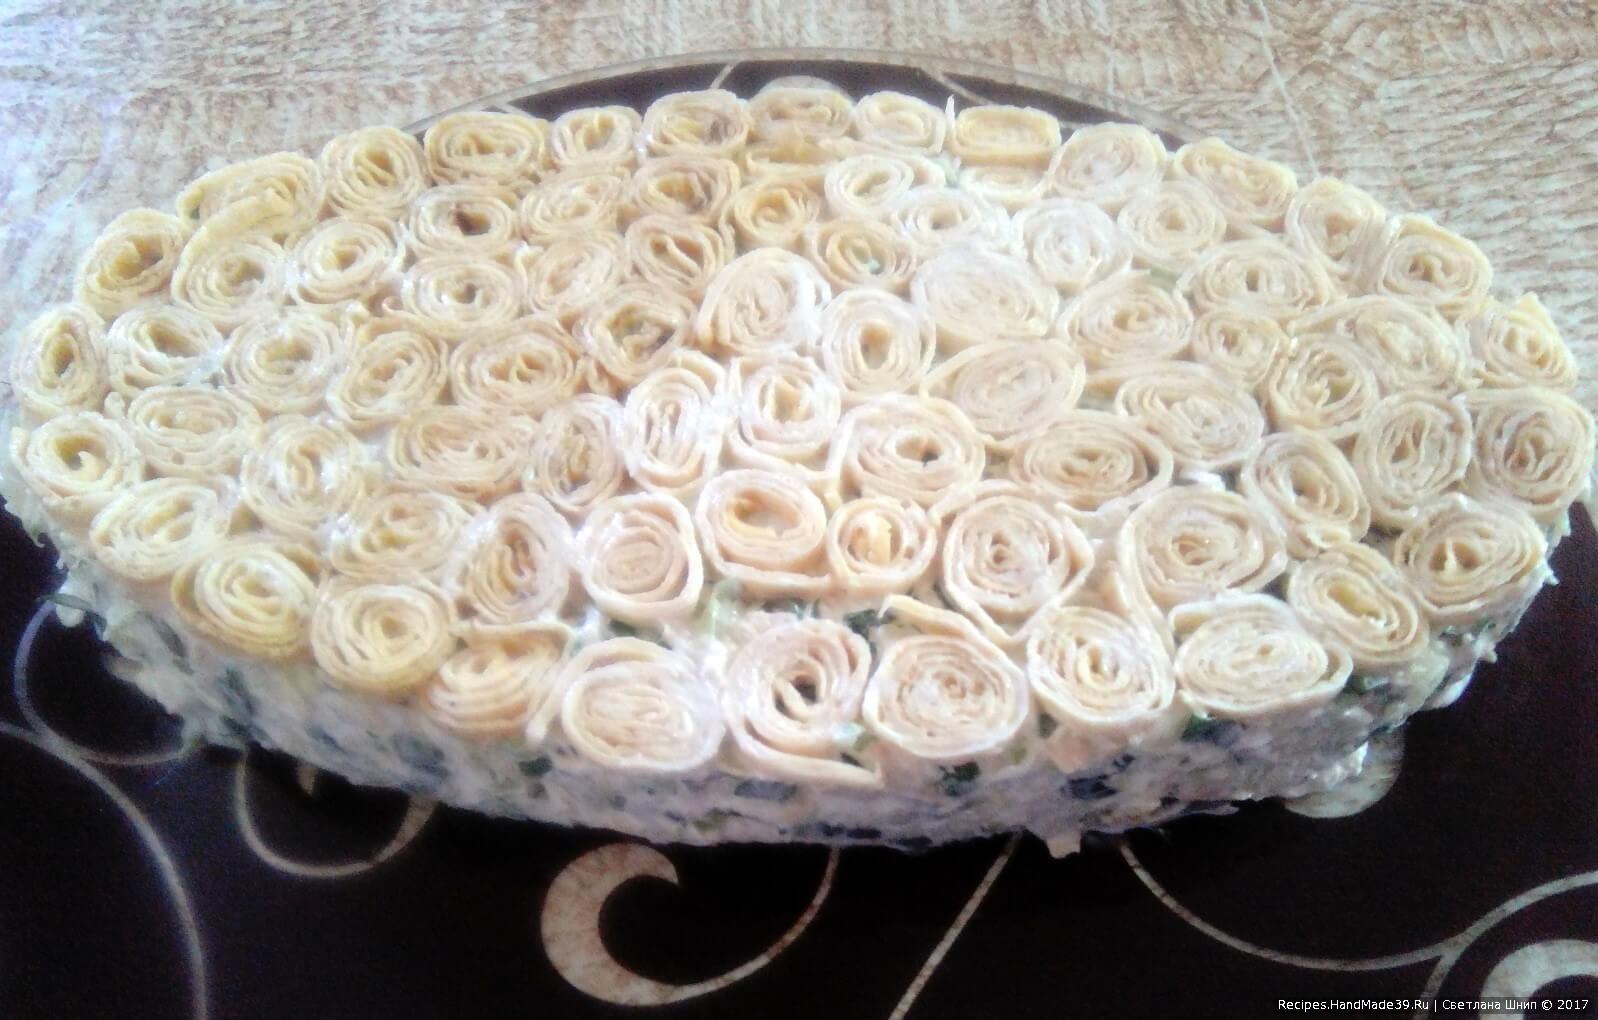 Выложить готовый салат в подготовленную форму, где на дне уже выложены блинные рулончики. Накрыть блюдо крышкой, перевернуть и снять форму (салатник)